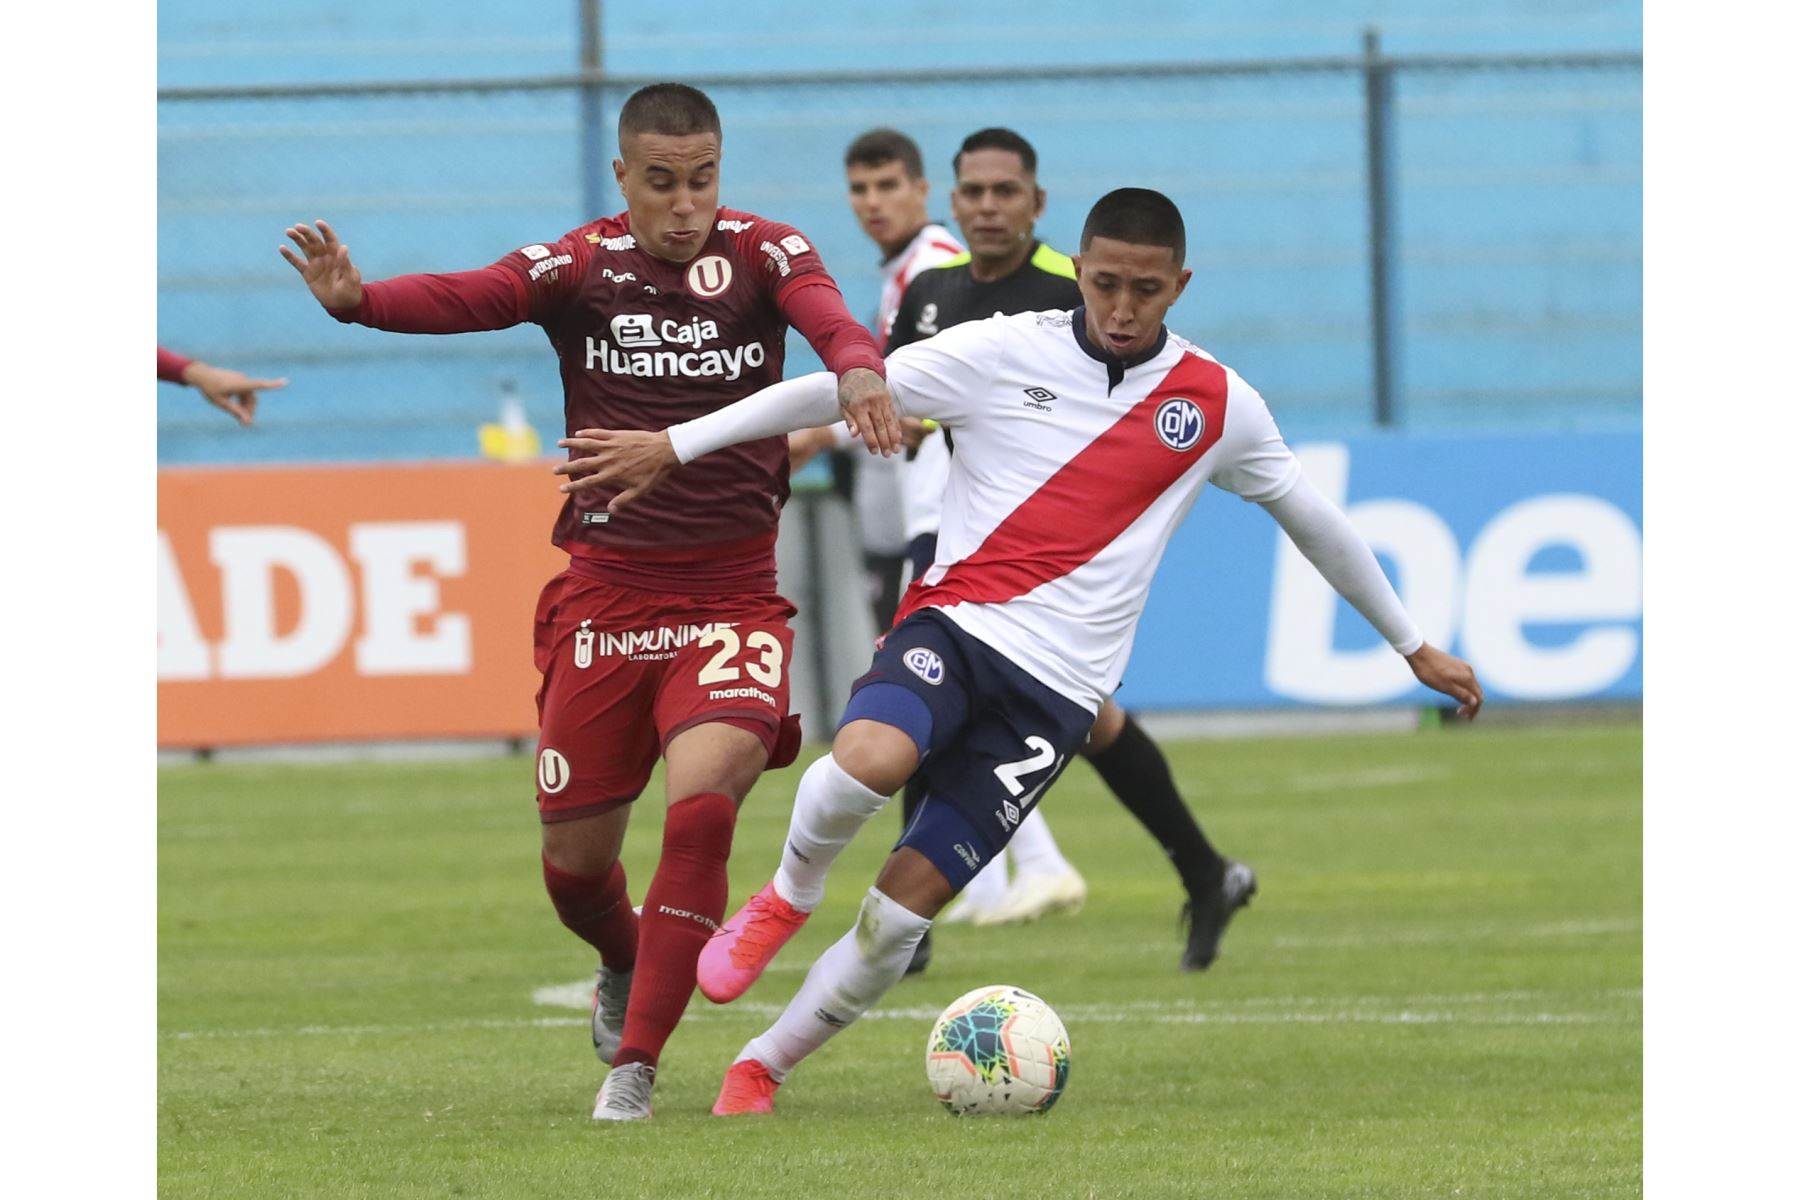 Jesús Barco de Universitario disputa el balón con Junior Ross de Deportivo Municipal durante el encuentro entre ambas escuadras que culminó 5-0 por la fecha 15 del Torneo Apertura de la Liga 1.   Foto: FPF